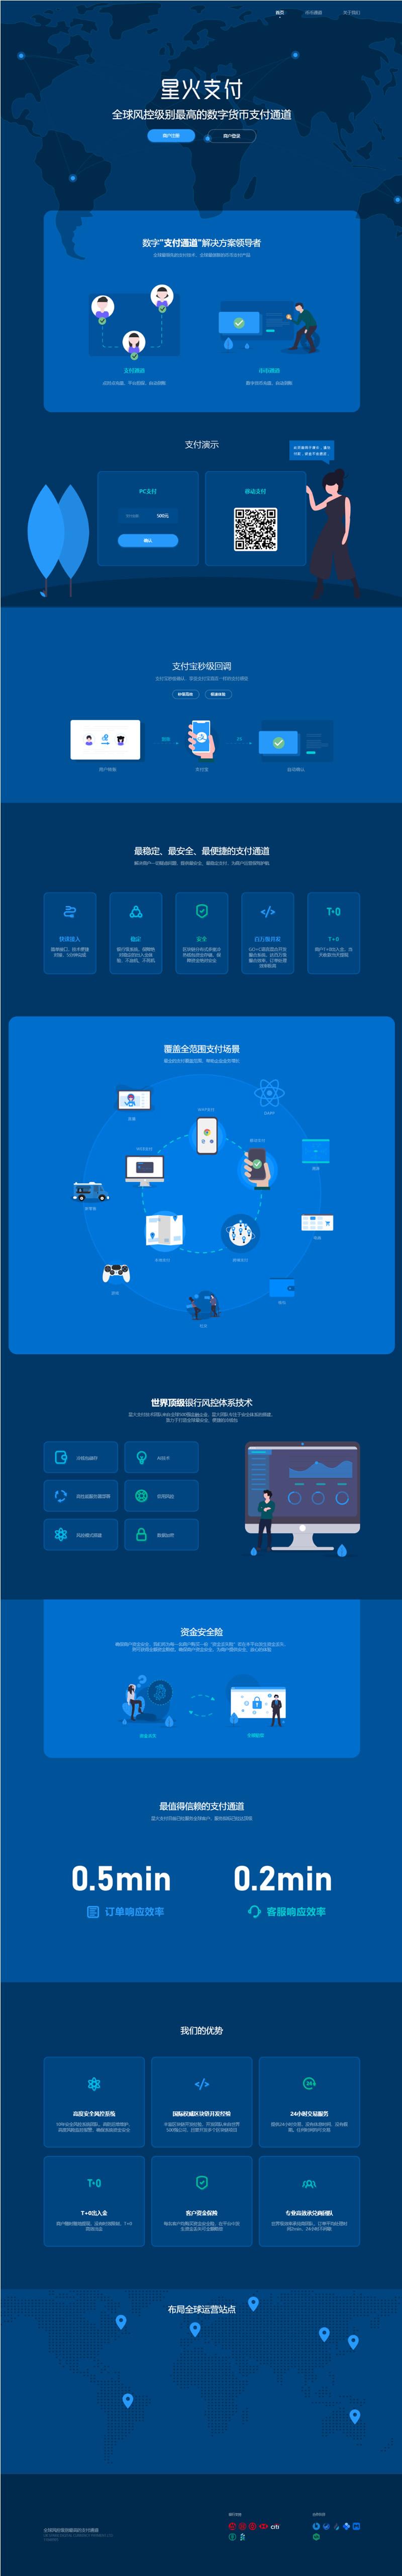 星火支付/USDT数字货币承兑系统/支持ERC20 OMNI/代理商/第三方支付接口 第1张